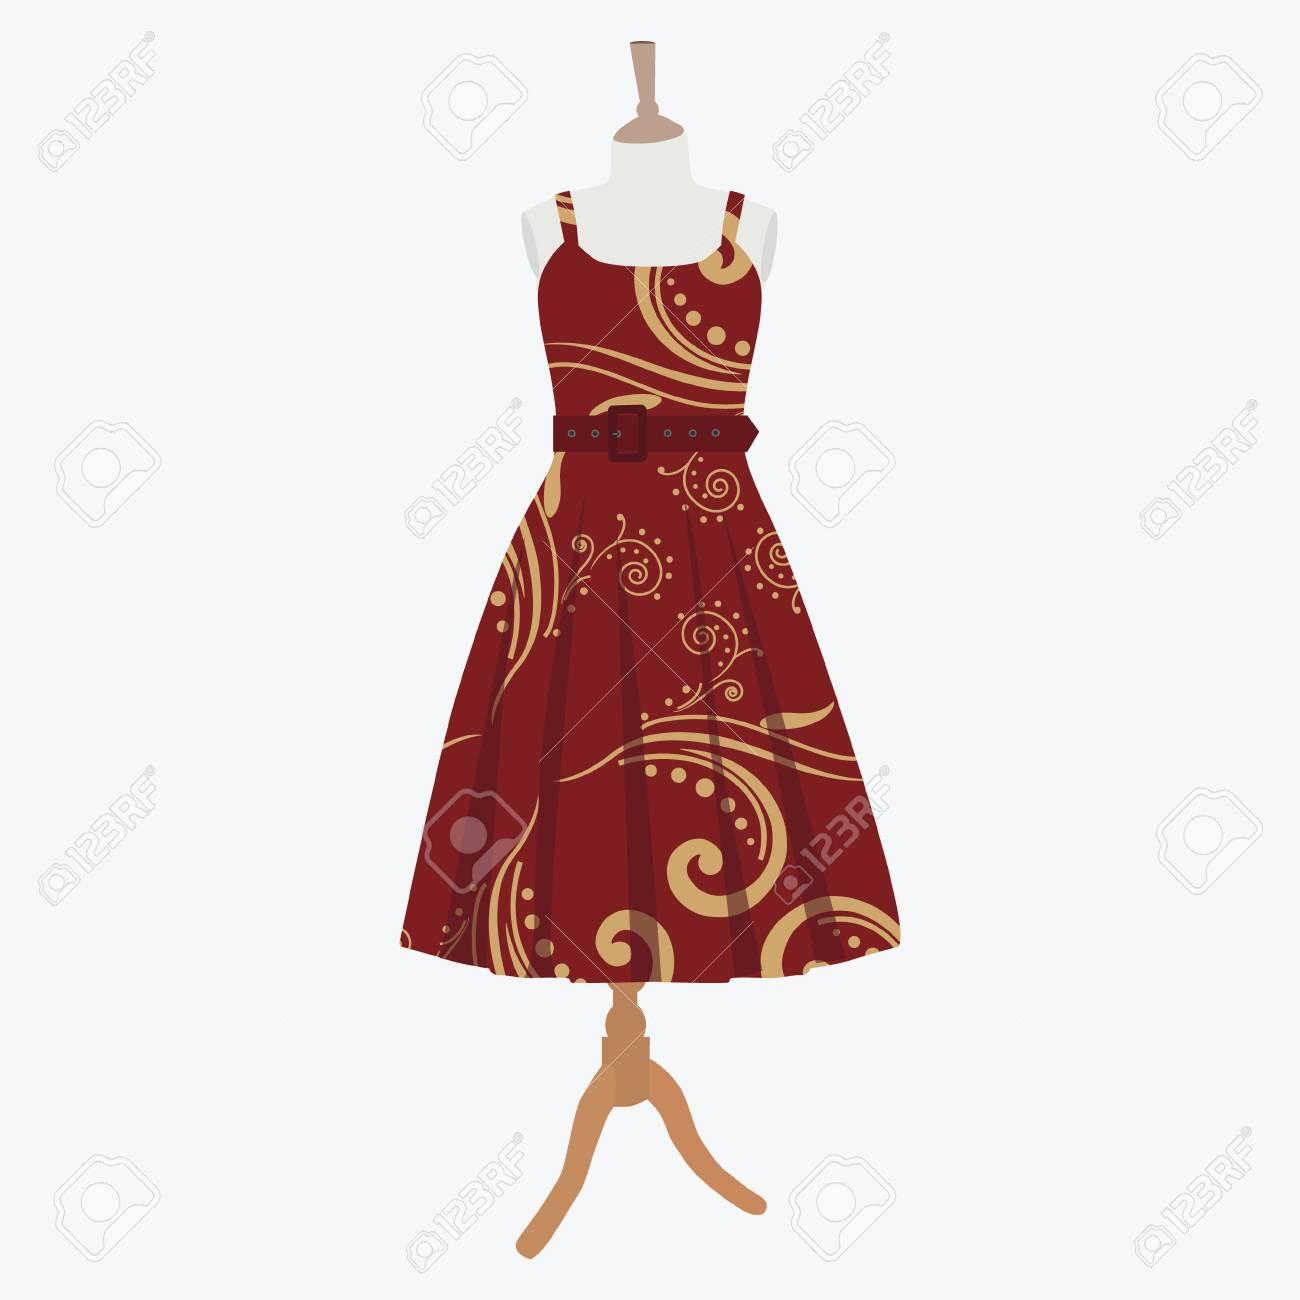 Raster Illustration Cocktail Elegant Robes De Soiree Femme Sur Mannequin Pour Boutique Rouge Robe De Bordo Avec Motif Banque D Images Et Photos Libres De Droits Image 59141265